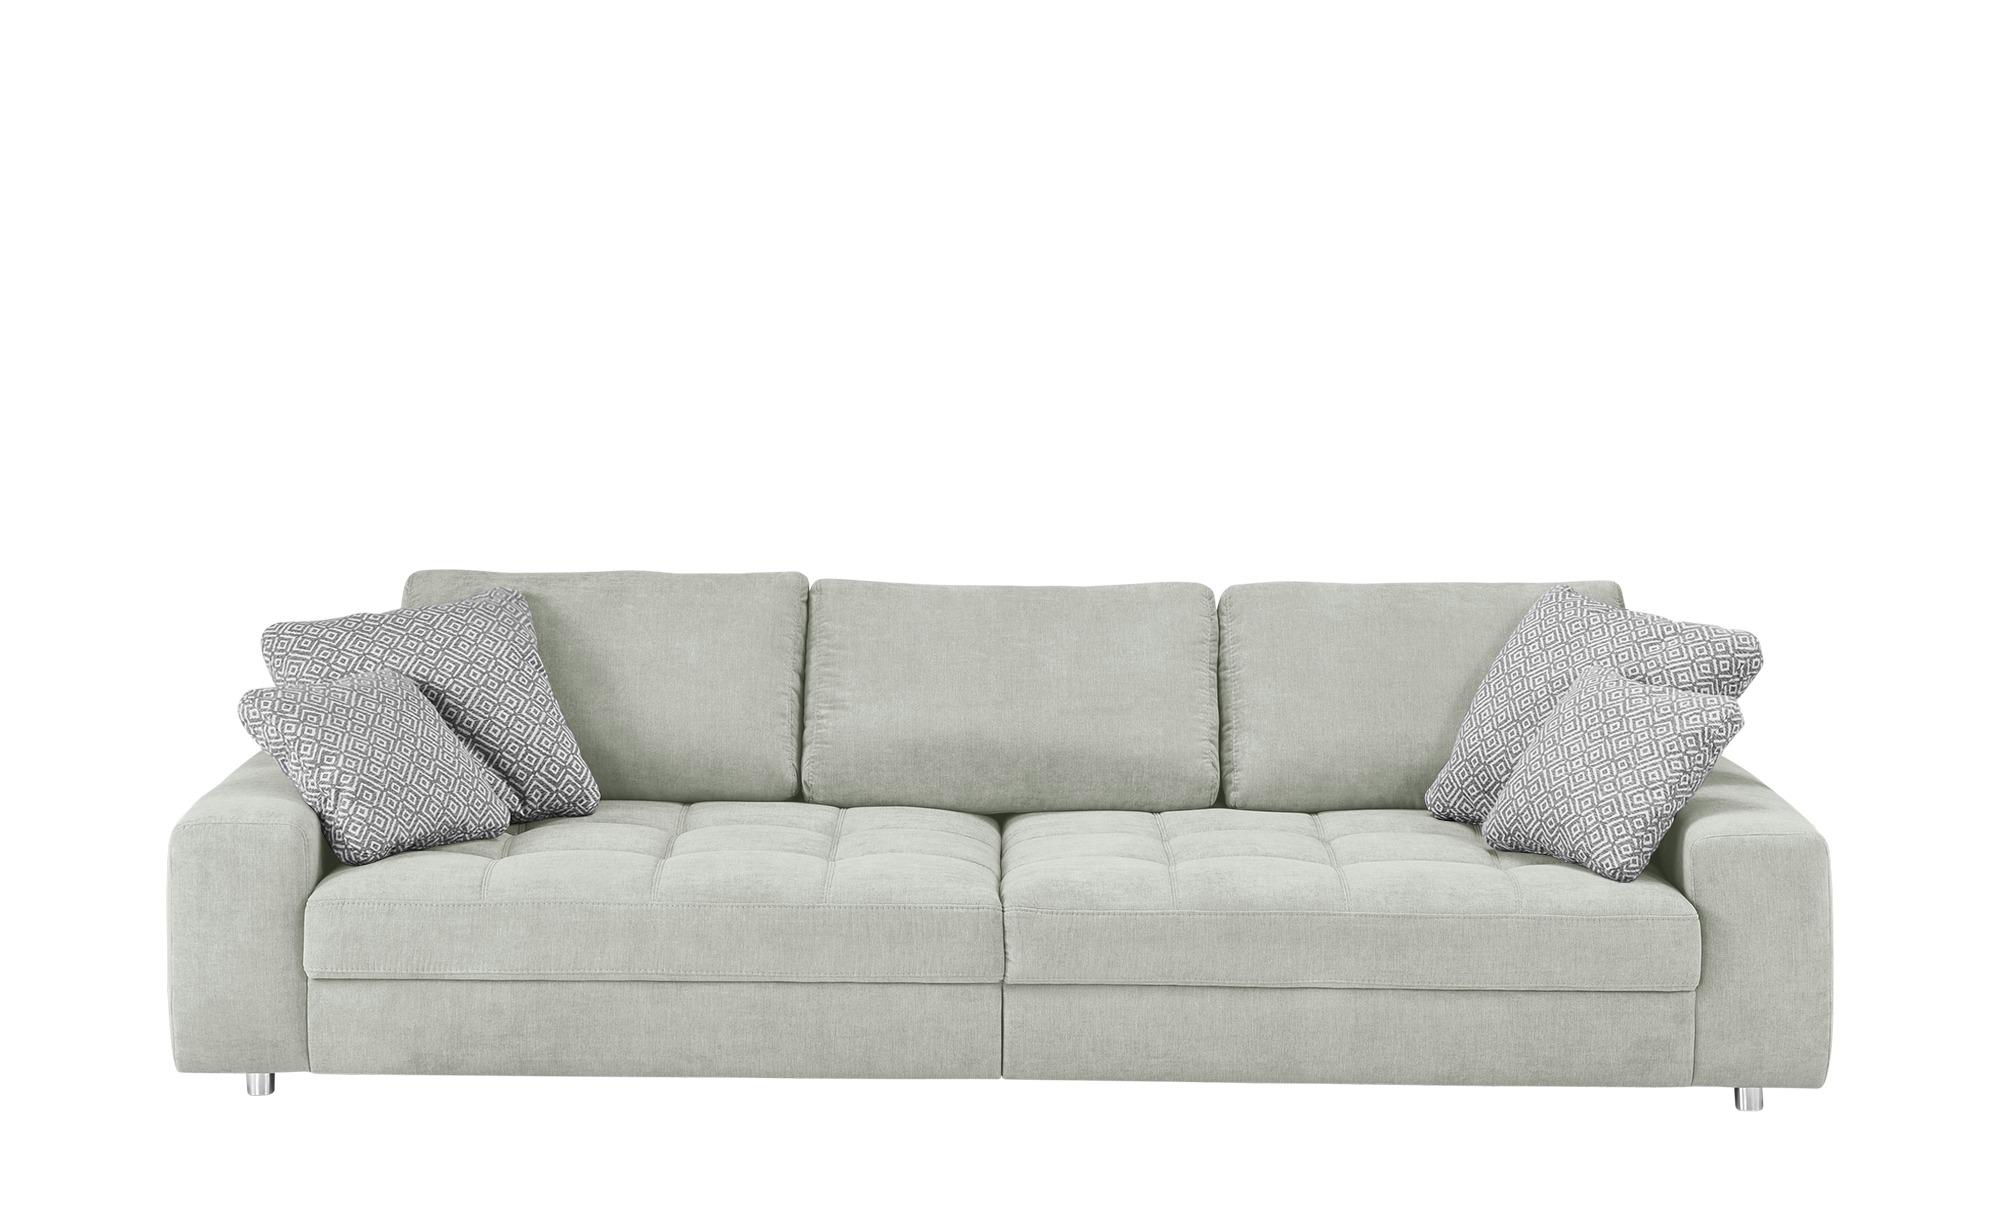 bobb Big Sofa grau - Flachgewebe Arissa ¦ grau ¦ Maße (cm): B: 292 H: 84 T: 120 Polstermöbel > Sofas > Big-Sofas - Höffner